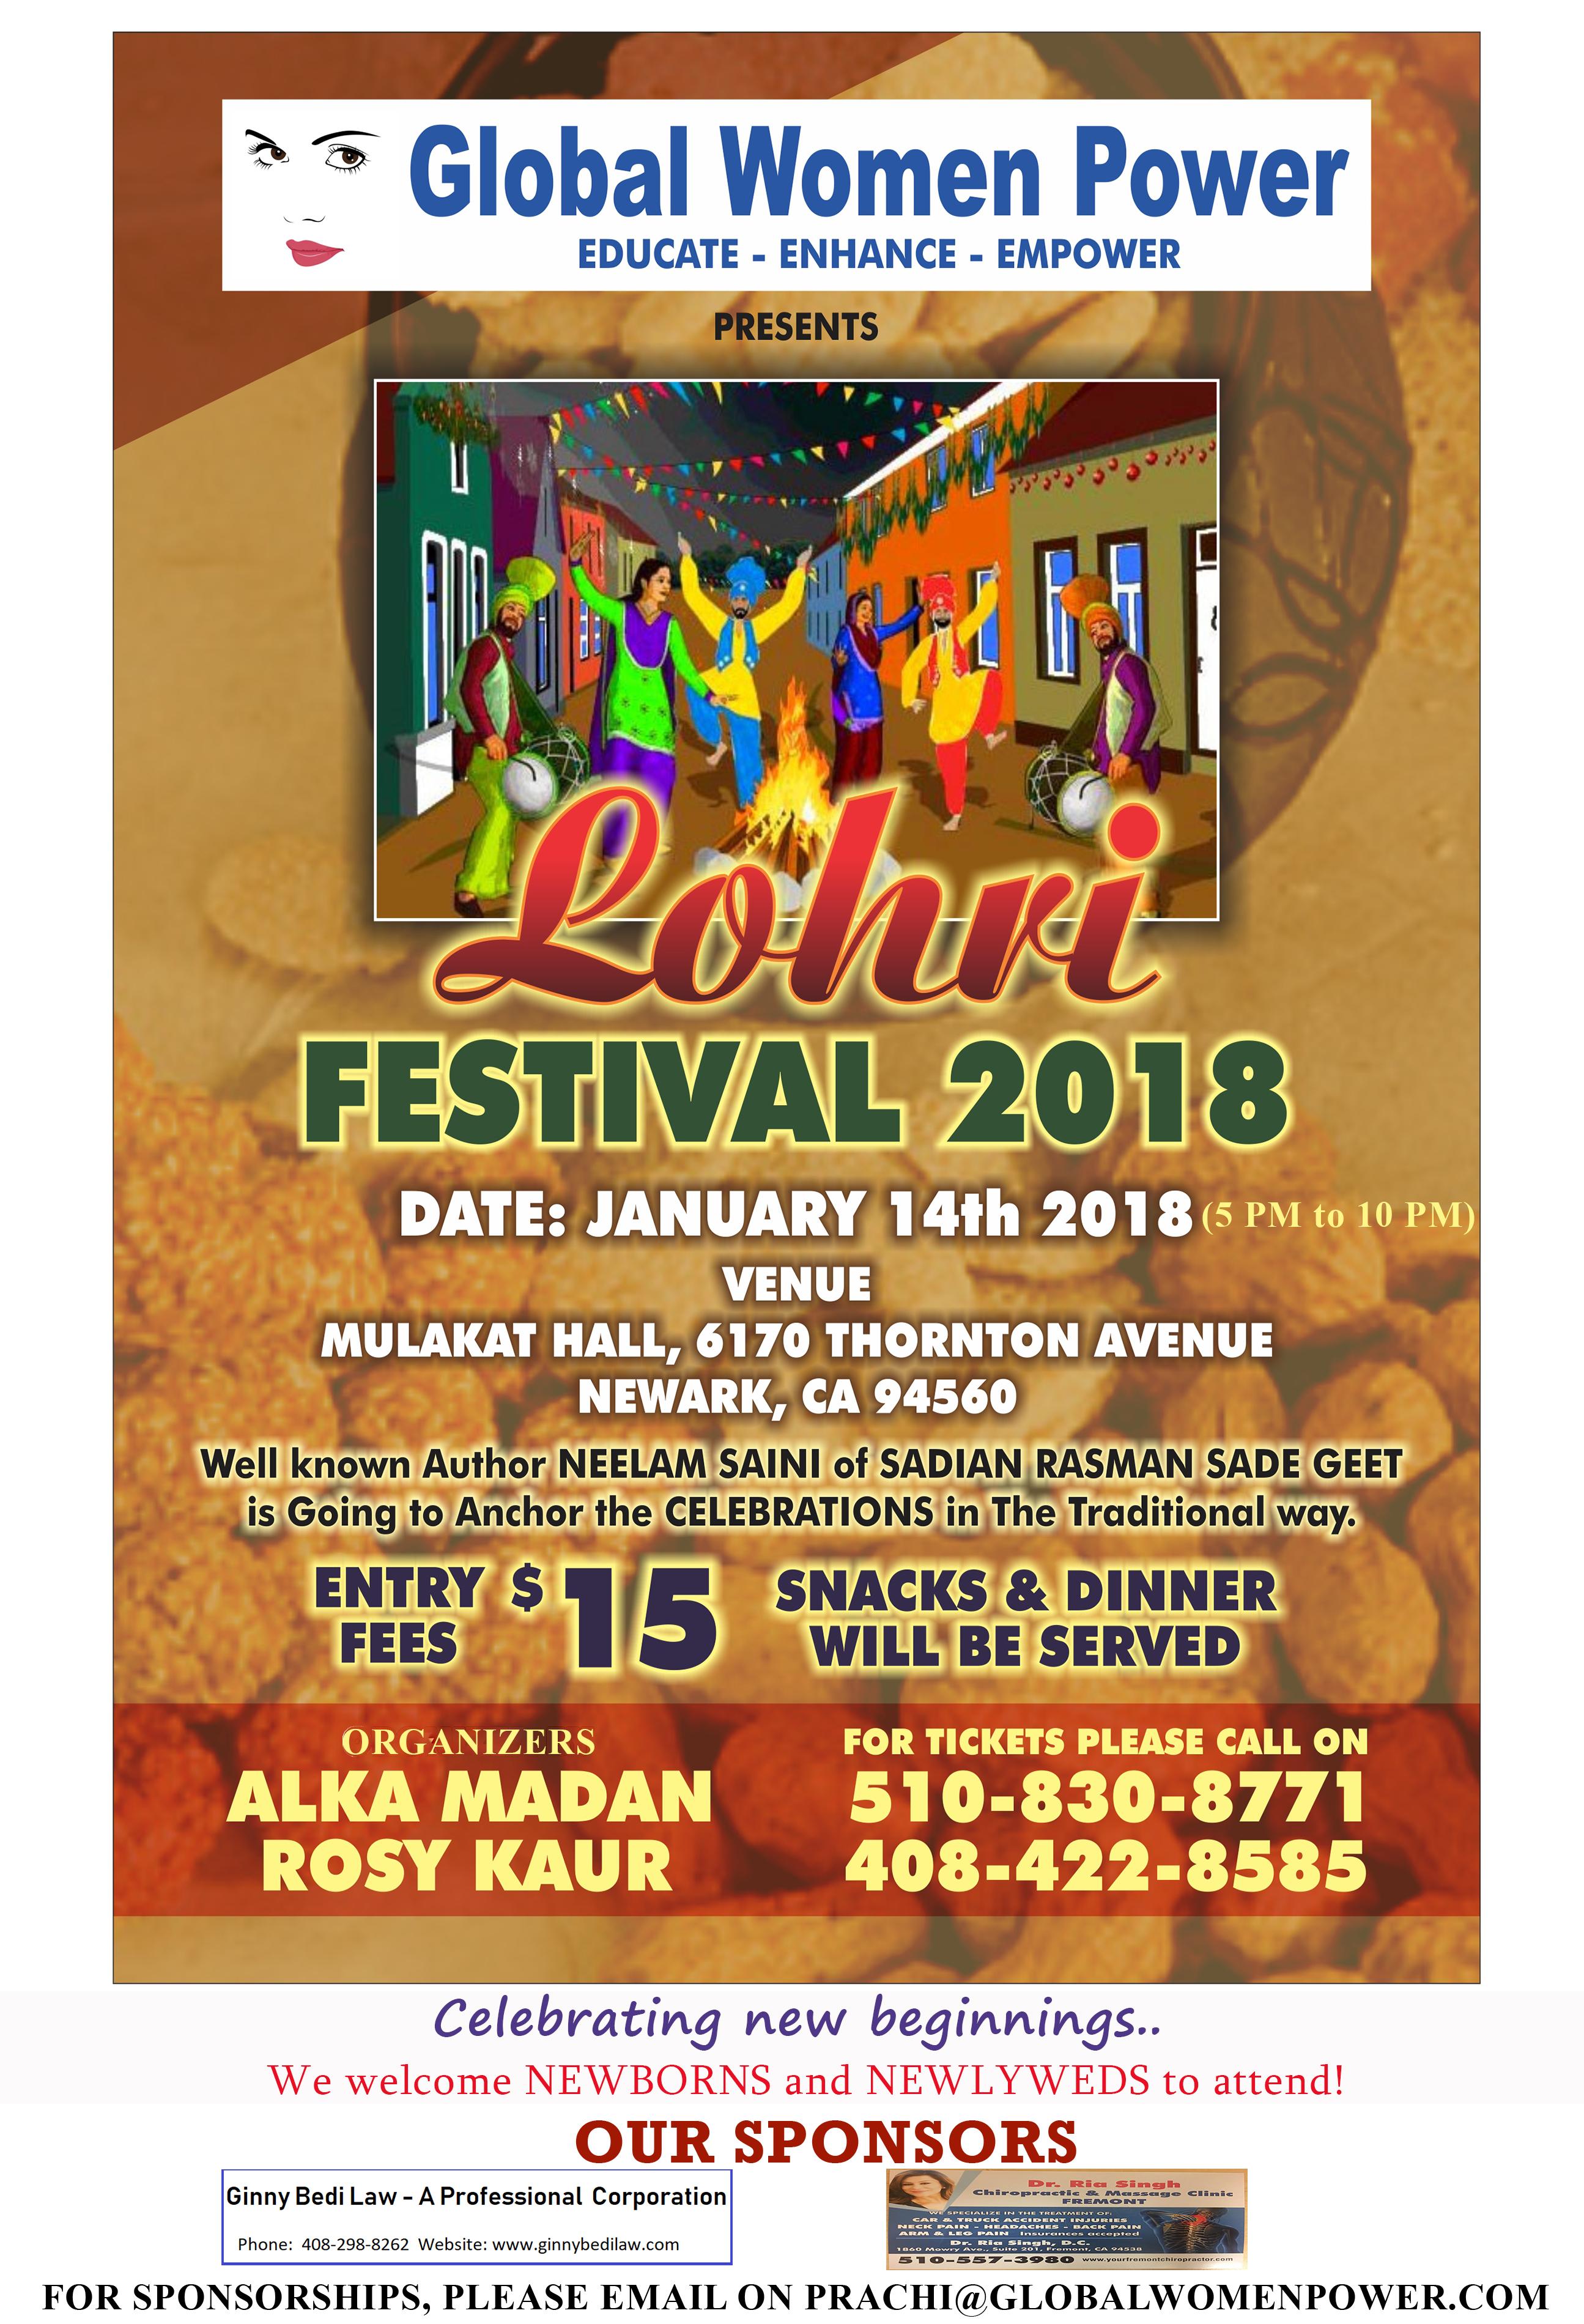 EventMozo Lohri Festival 2018